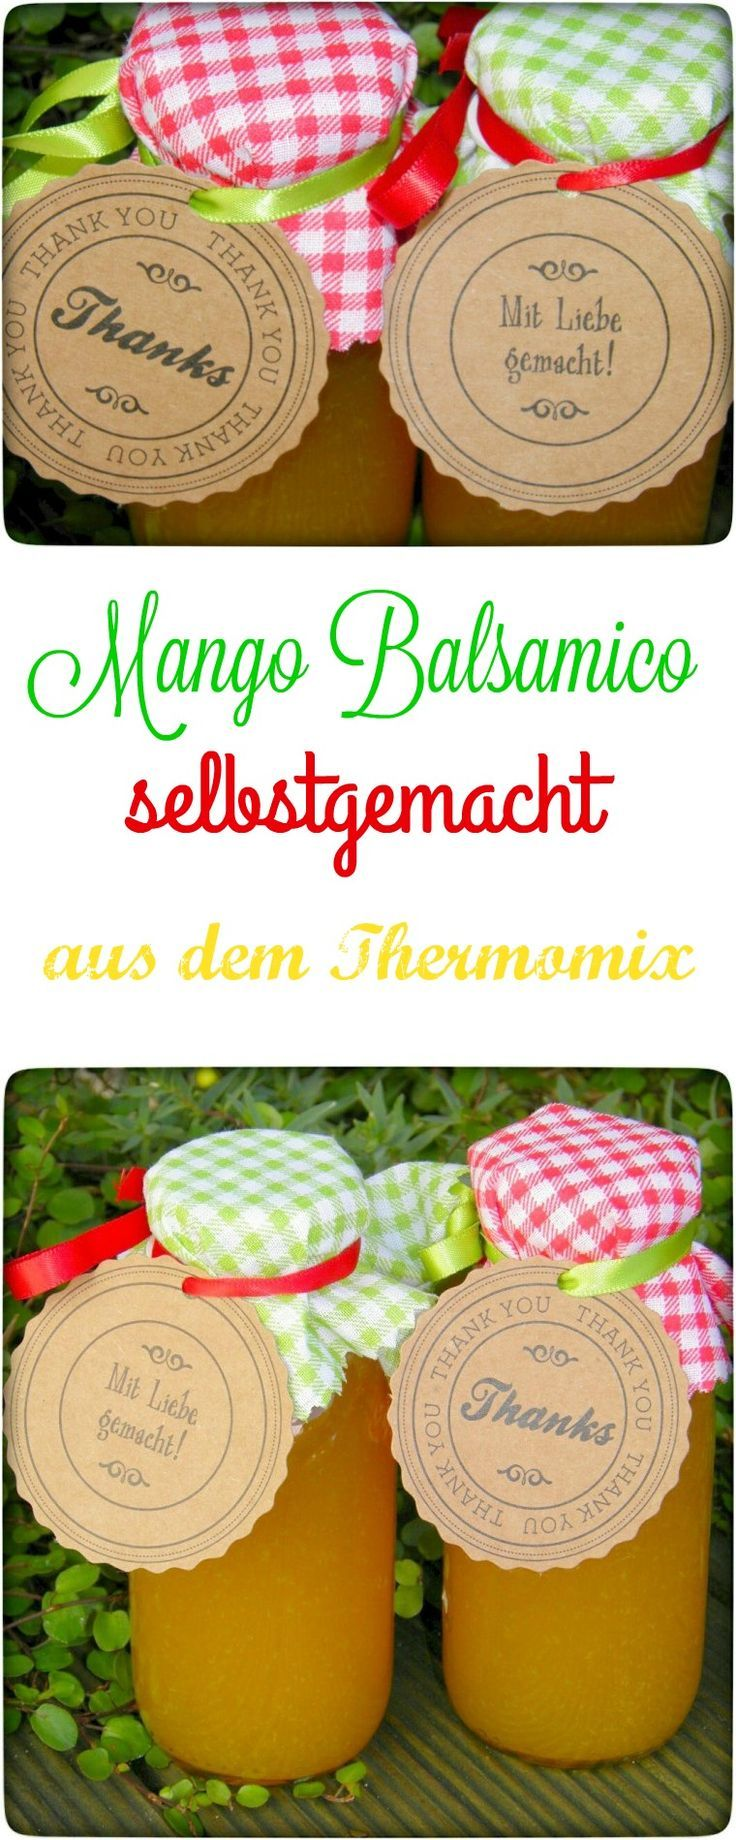 Ich kaufe definitiv keinen Mango-Balsamico mehr (15 € für eine kleine Flasche ist schon ein stolzer Preis). Denn im Handumdrehen hat man diesen leckeren und fruchtigen Mango-Balsamico selber hergestellt. Dieser verfeinert Euch viele Salate und Ihr habt einmal einen etwas anderen Geschmack als nur 0815 Essig. Im Thermomix oder auch in anderen Küchenmaschinen oder auf dem Herd sehr einfach herzustellen.